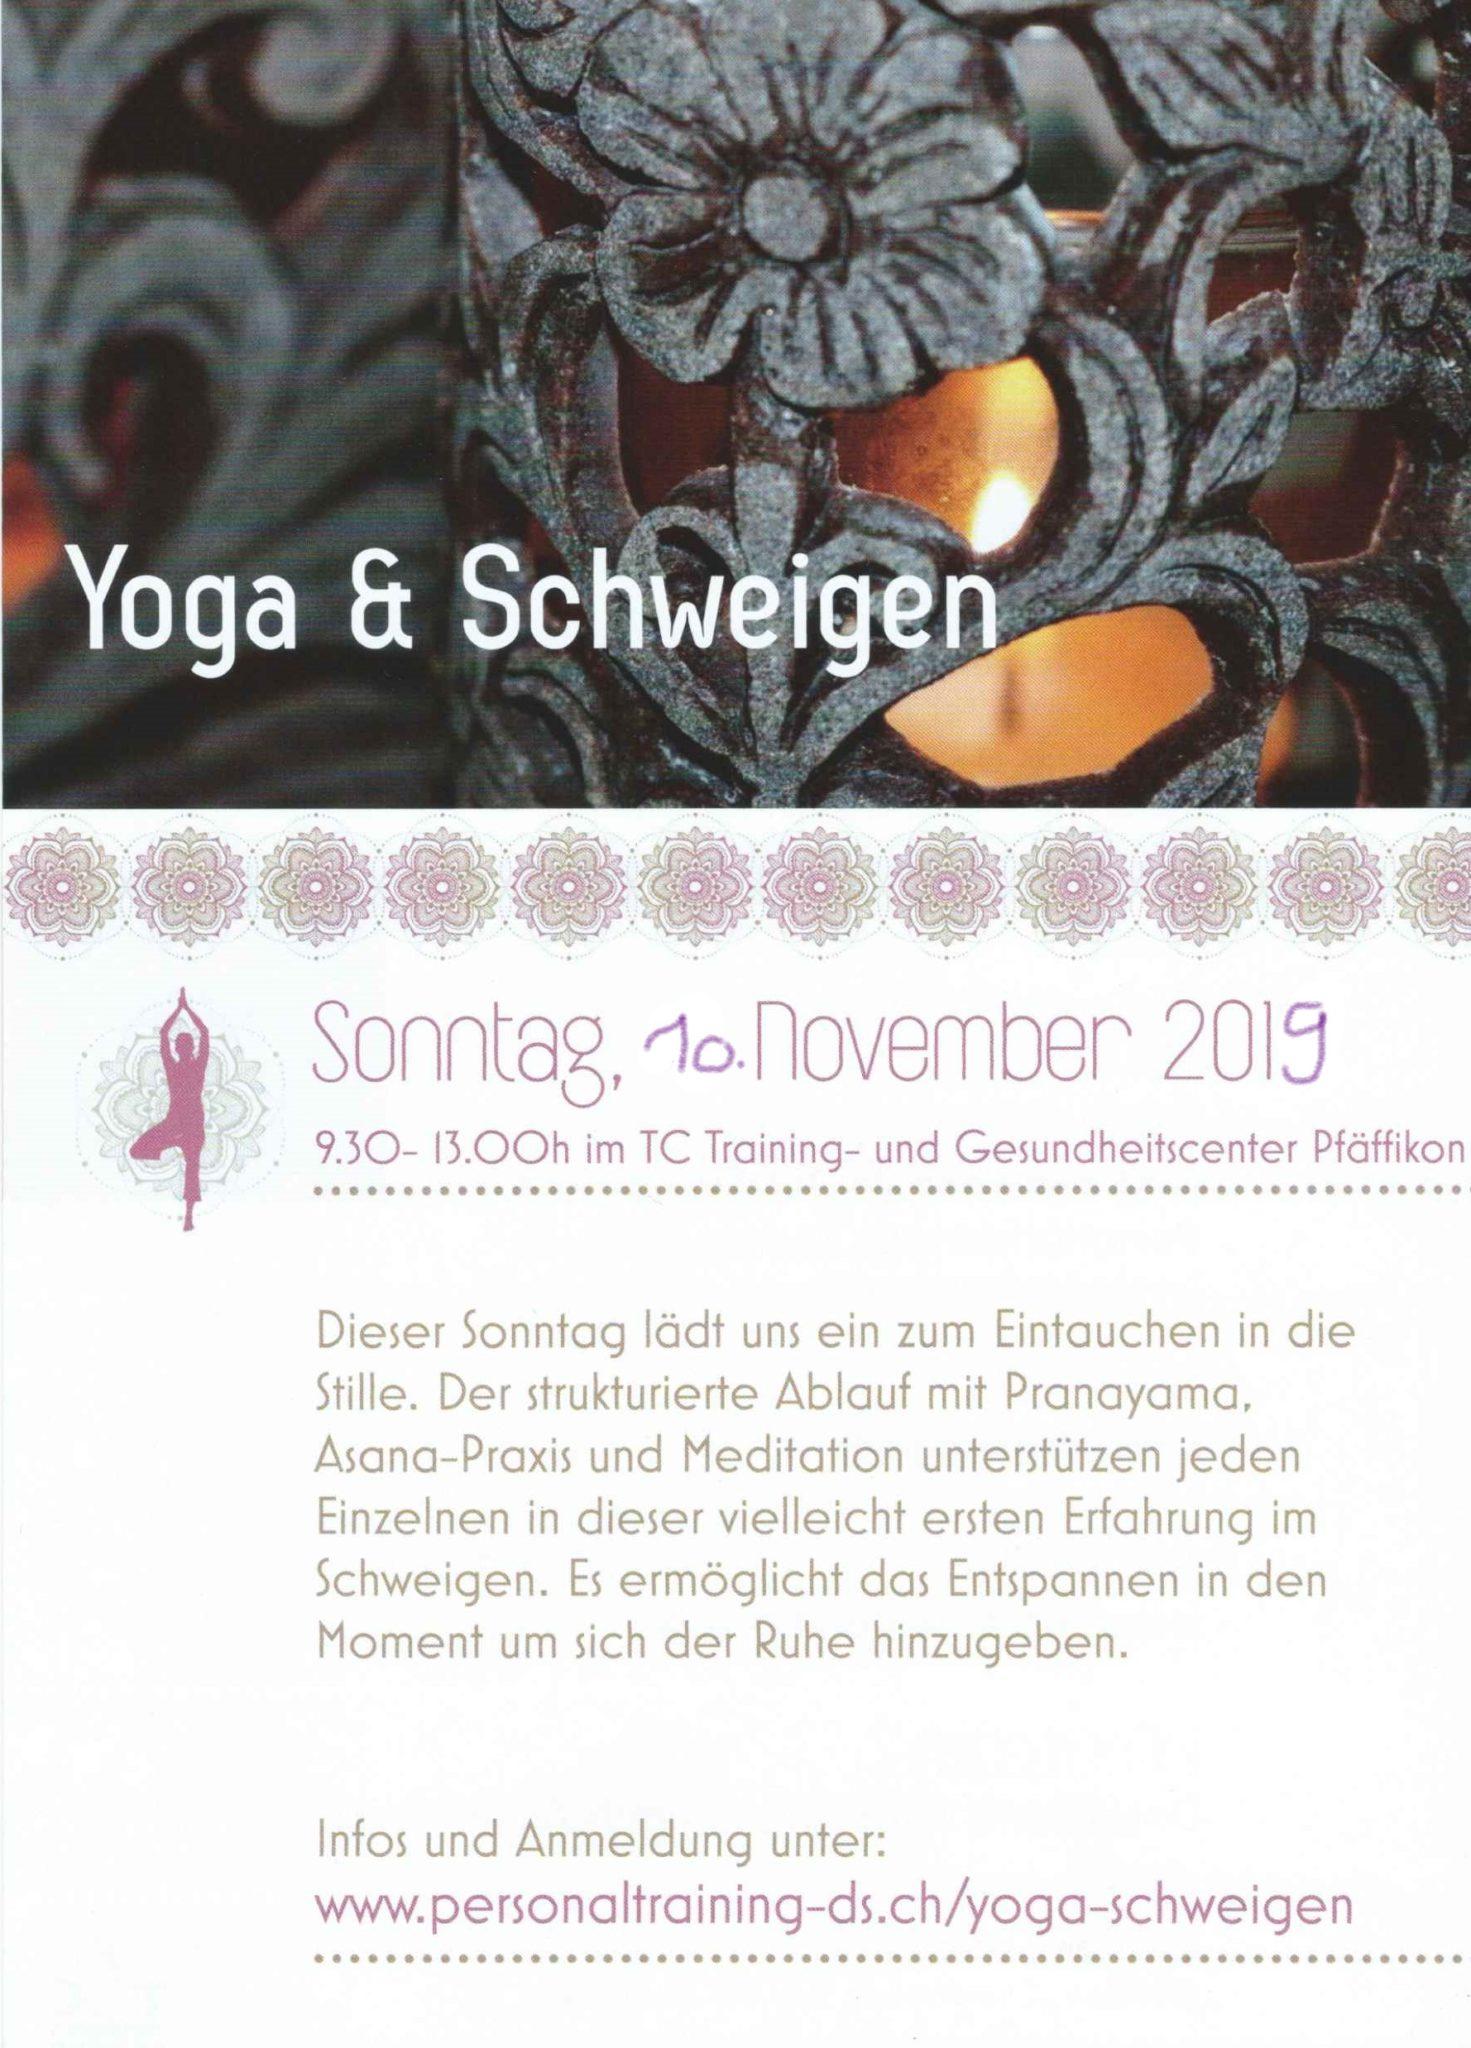 Flyer Yoga & Schweigen 2019 mit Personaltraining Dodo Stehlo